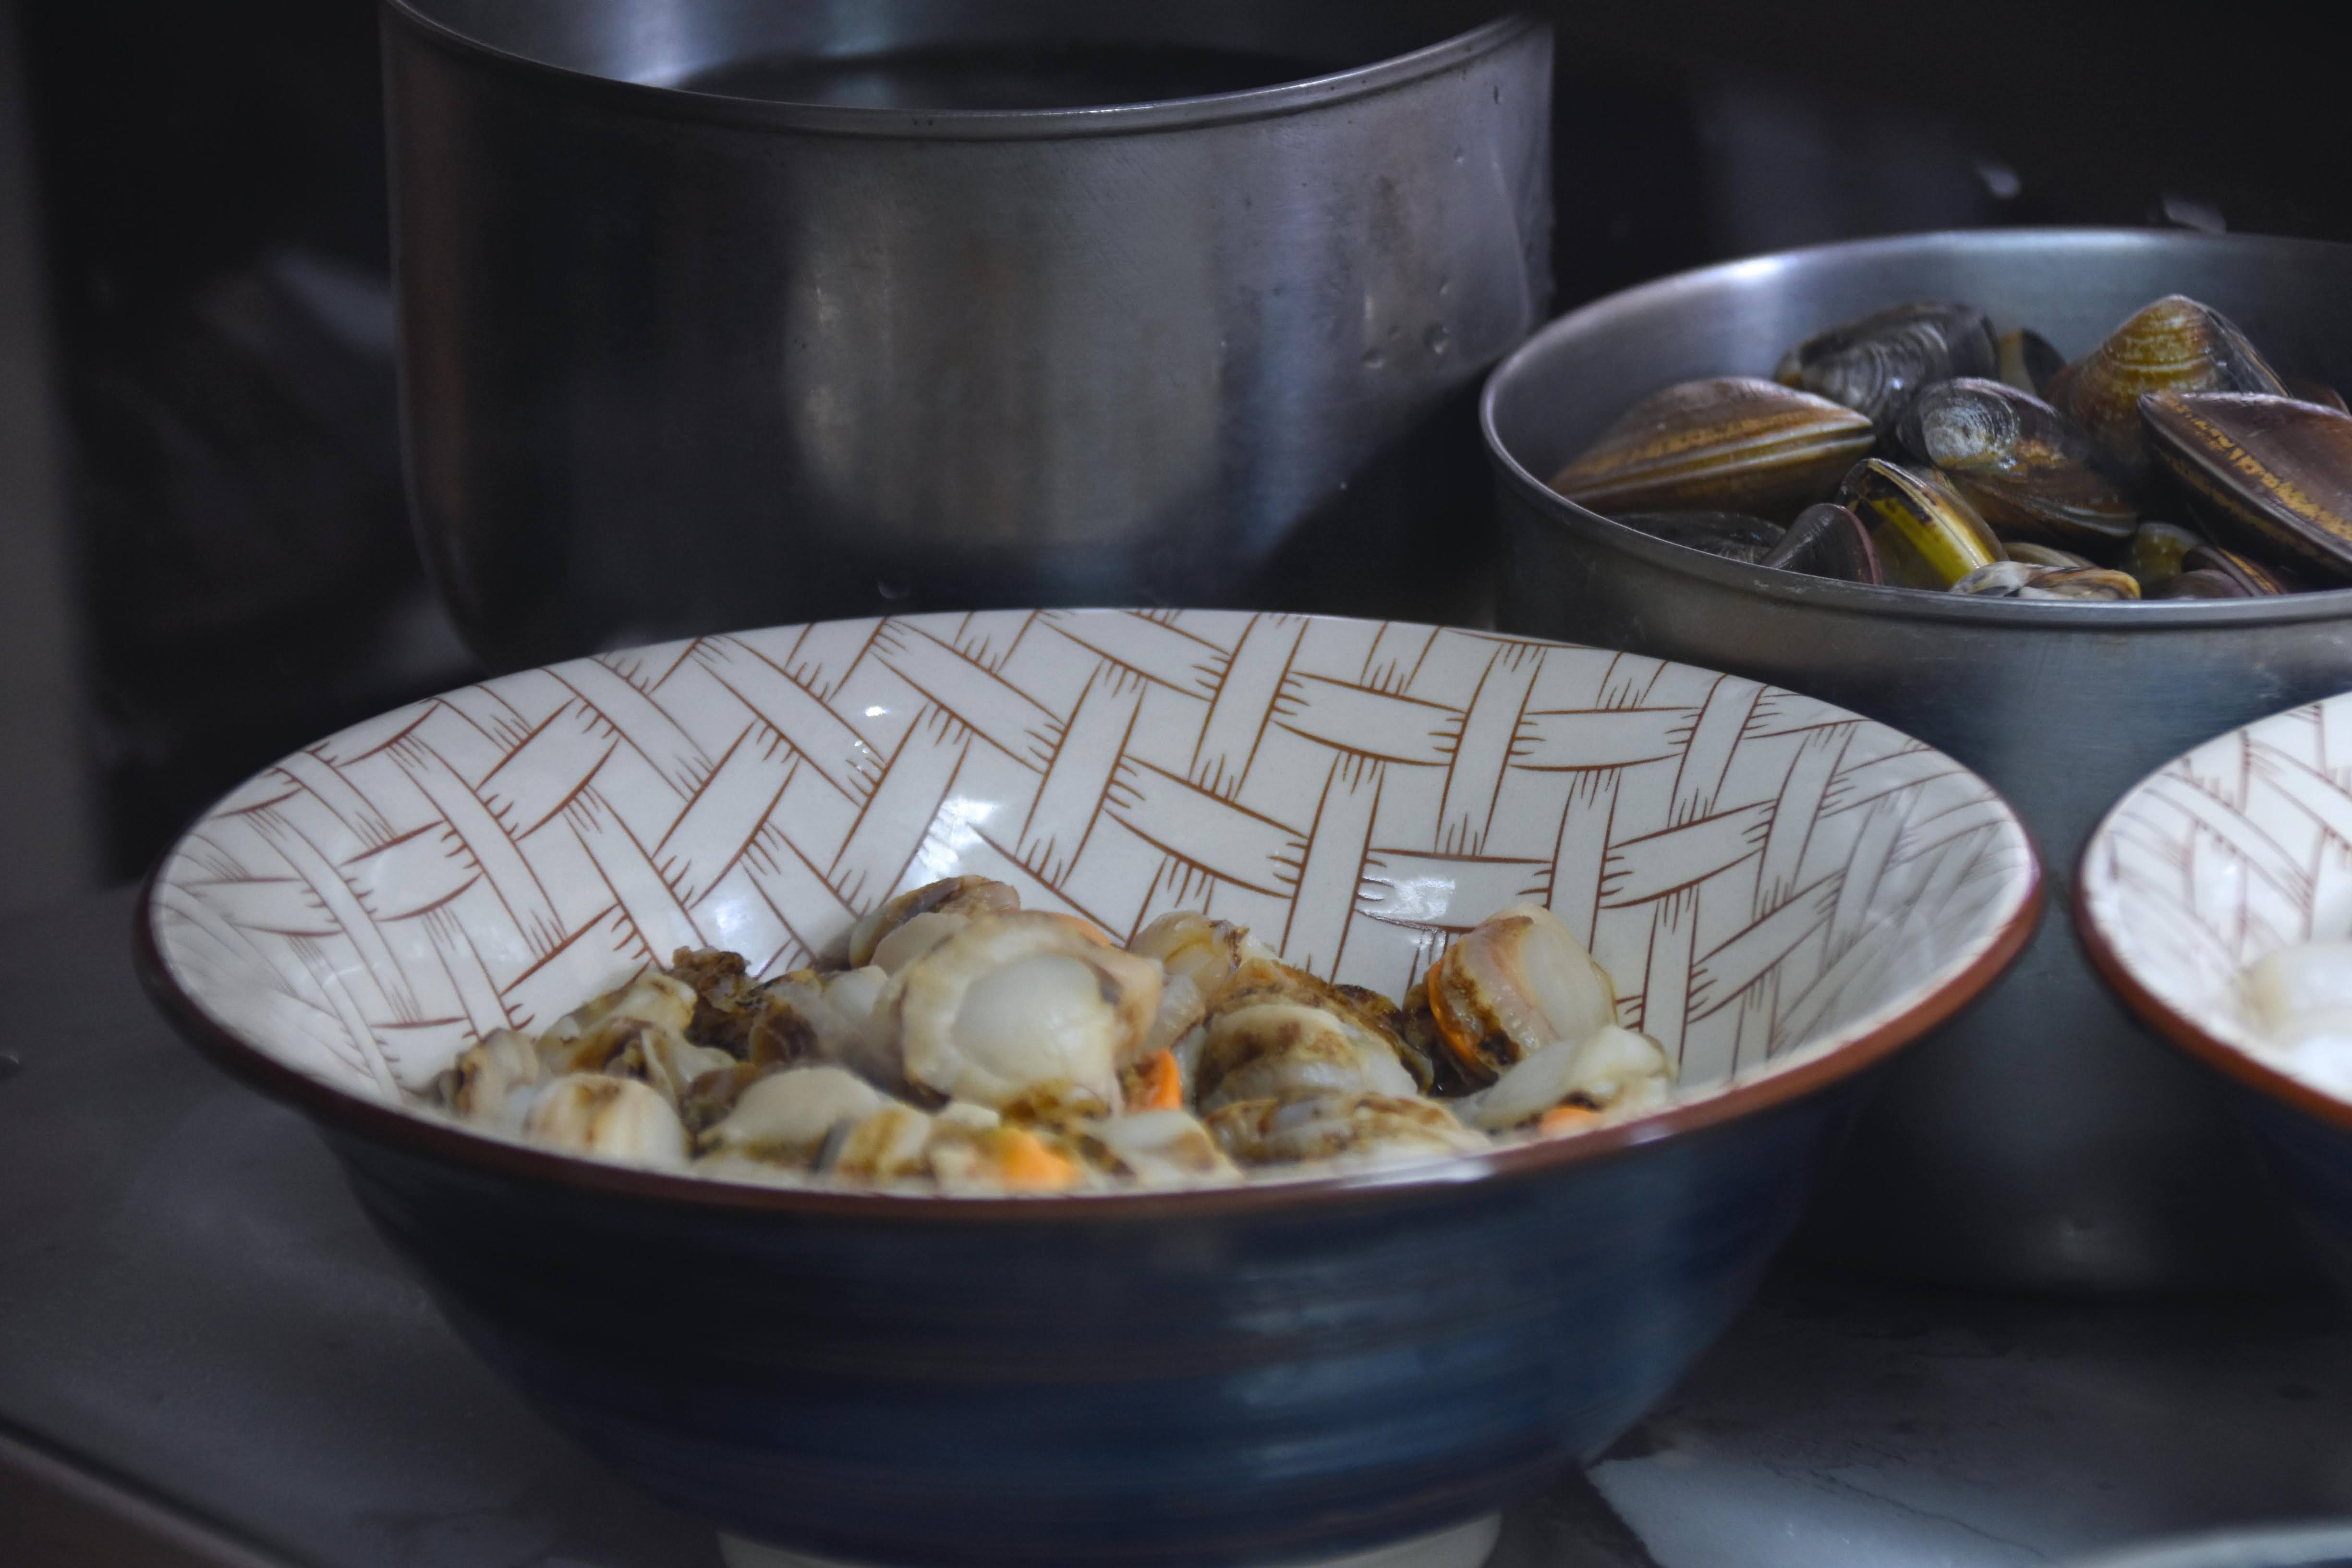 【台南|中西】上豐富海產粥,再次進化的上豐富海產粥2.0,選擇自己想要的海鮮料,組合一碗自己專屬獨特的海鮮粥!🍃